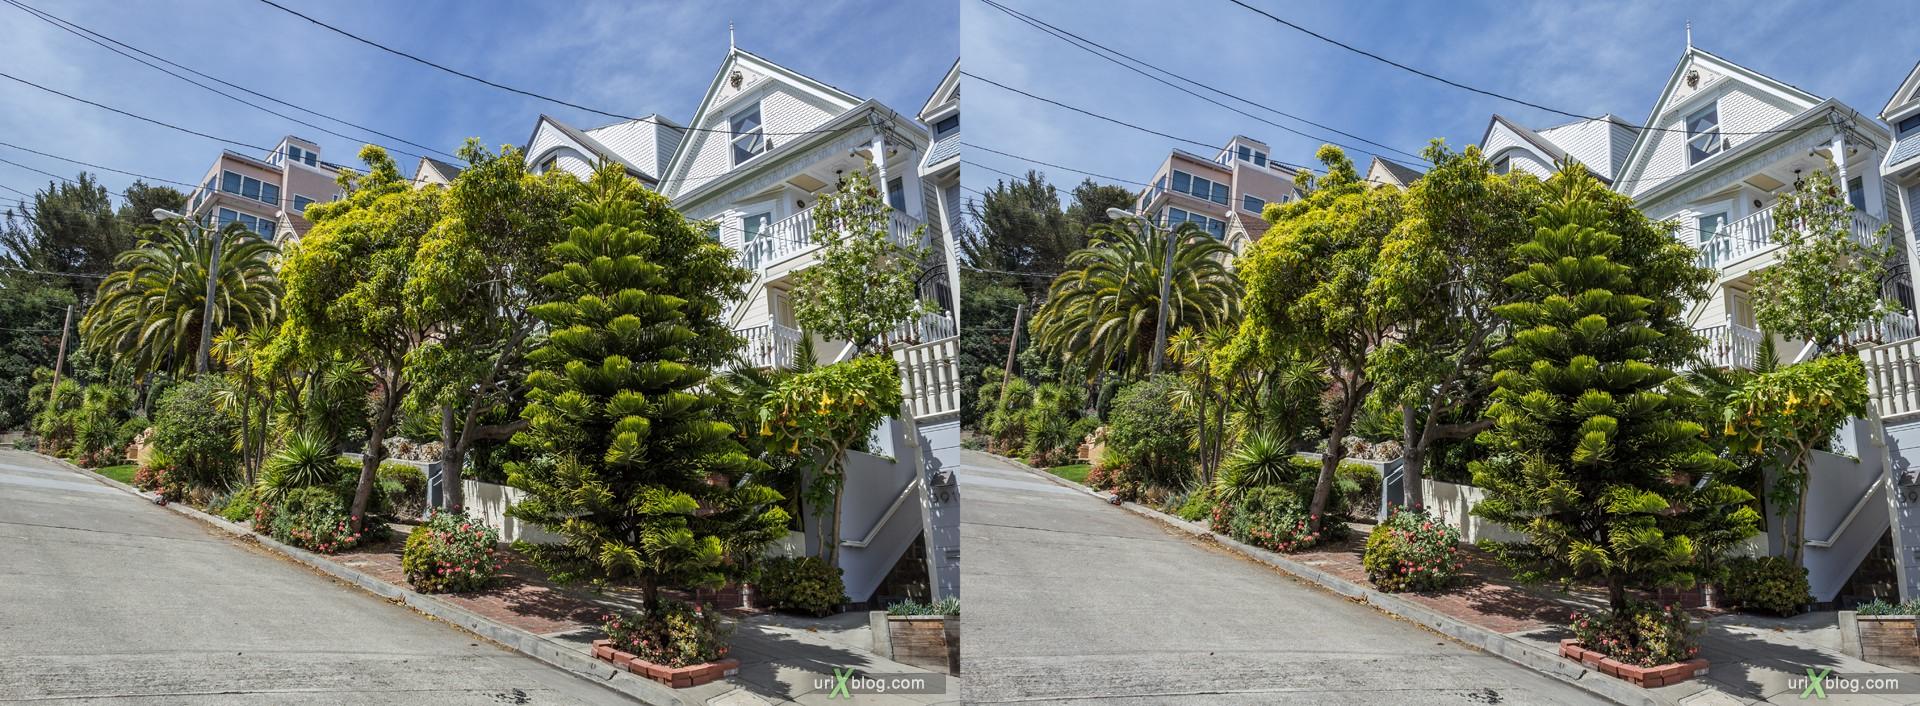 2013, Castro, Dolores Heights, Сан-Франциско, США, 3D, перекрёстные стереопары, стерео, стереопара, стереопары